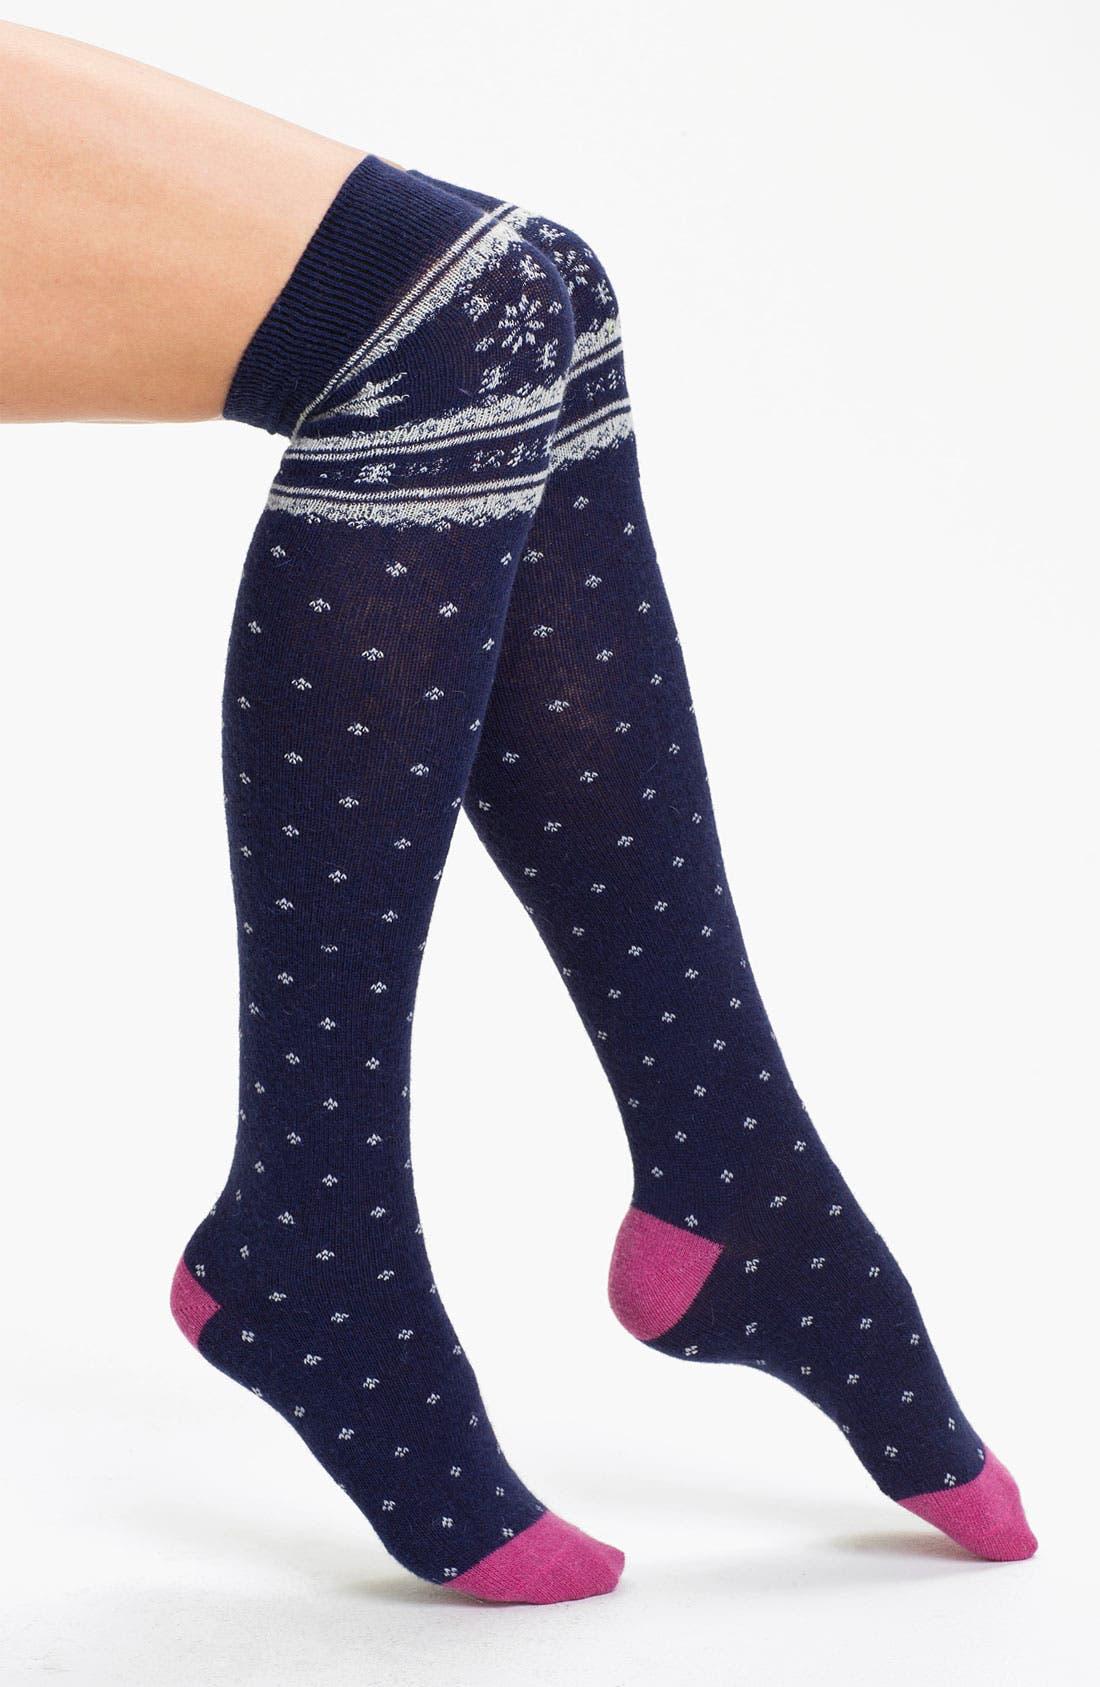 Alternate Image 1 Selected - Make + Model 'Critter Fair Isle' Over The Knee Socks